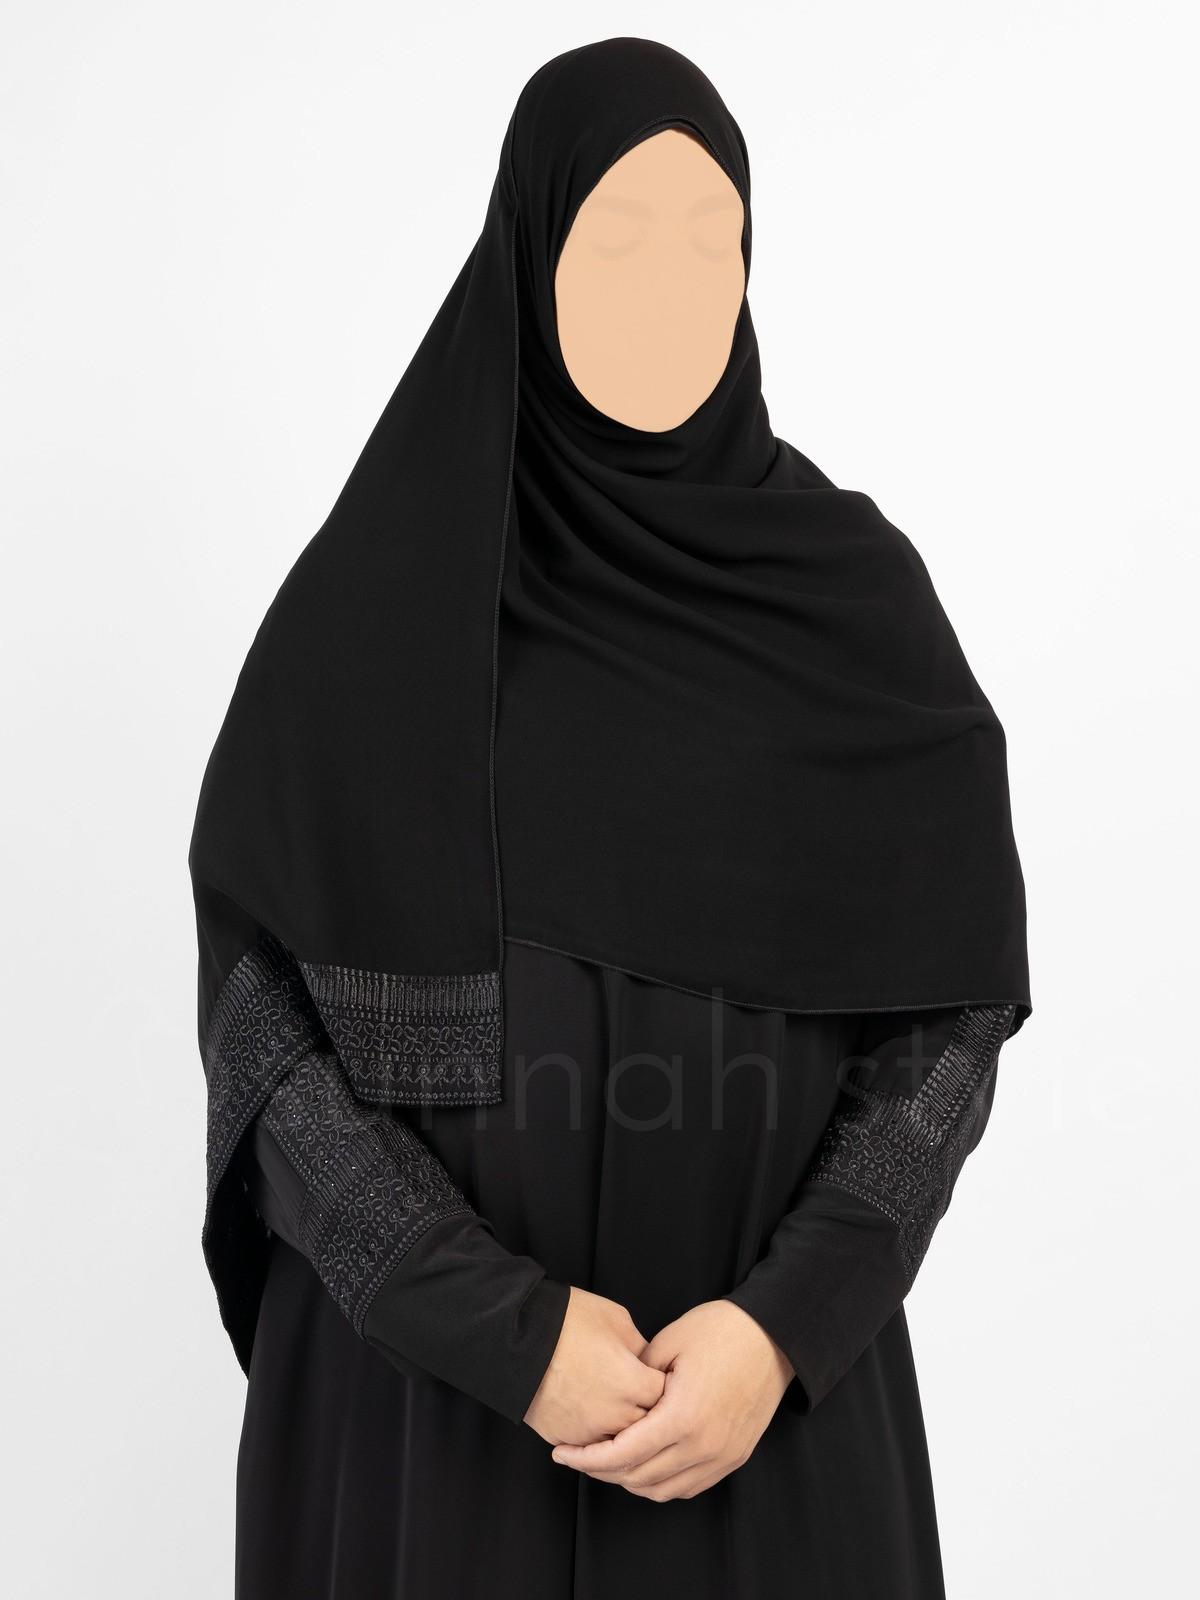 Sunnah Style - Empress Shayla  - Large